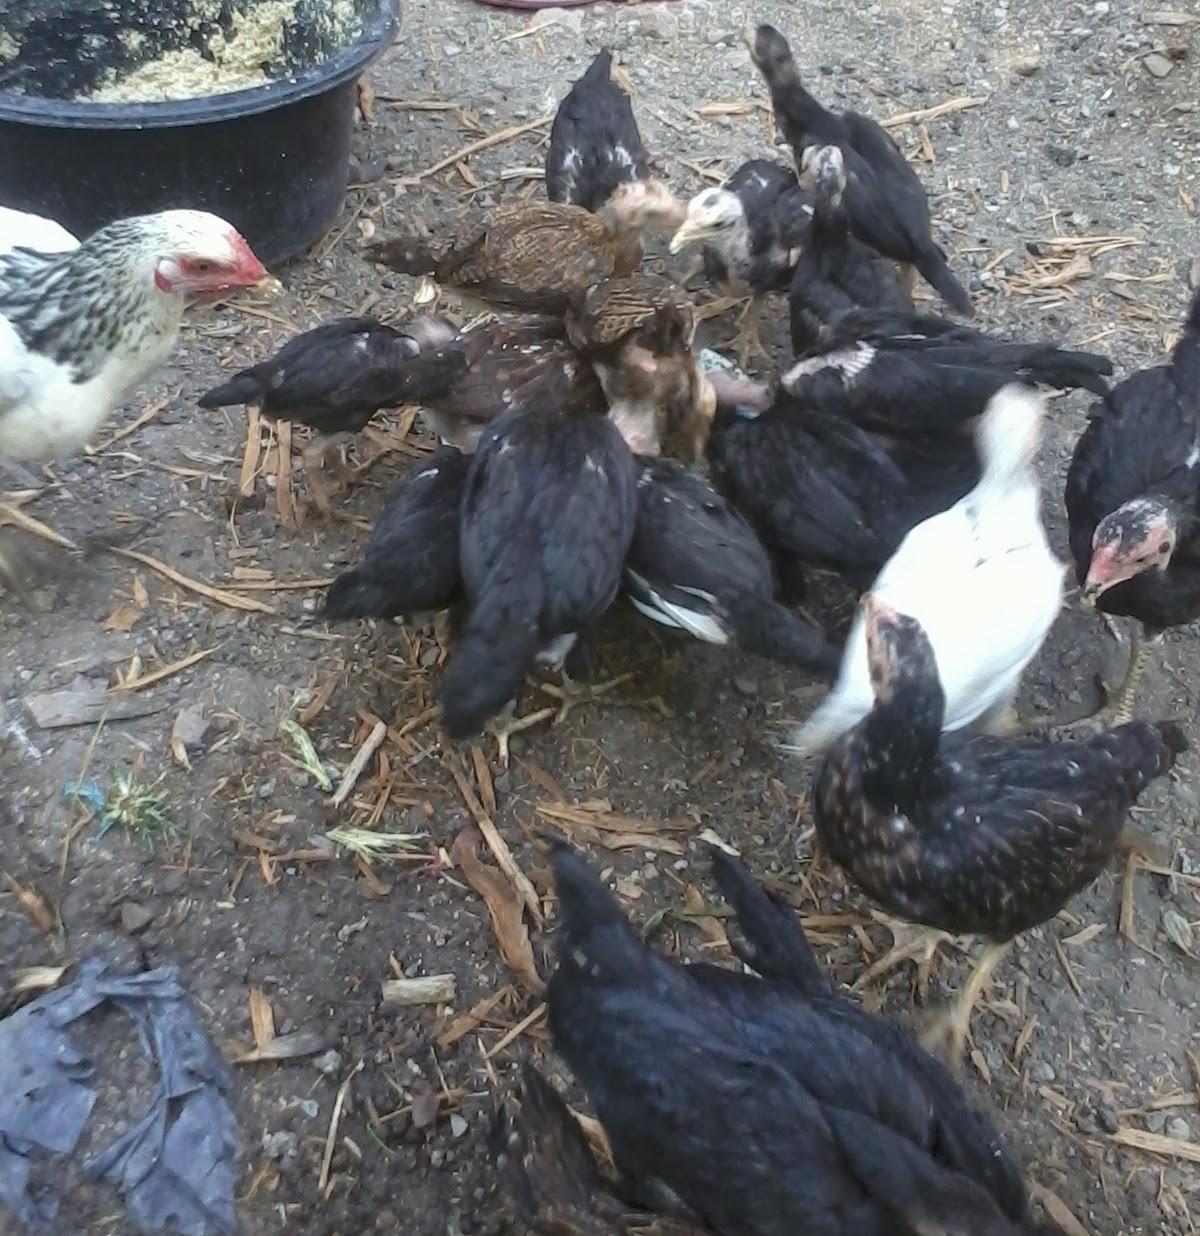 Juga Kami Sediakan Bibit Ayam Potong Layer Atau Petelur Pejantan Jantan Berbagai Merek Dan Kualitas Terjamin